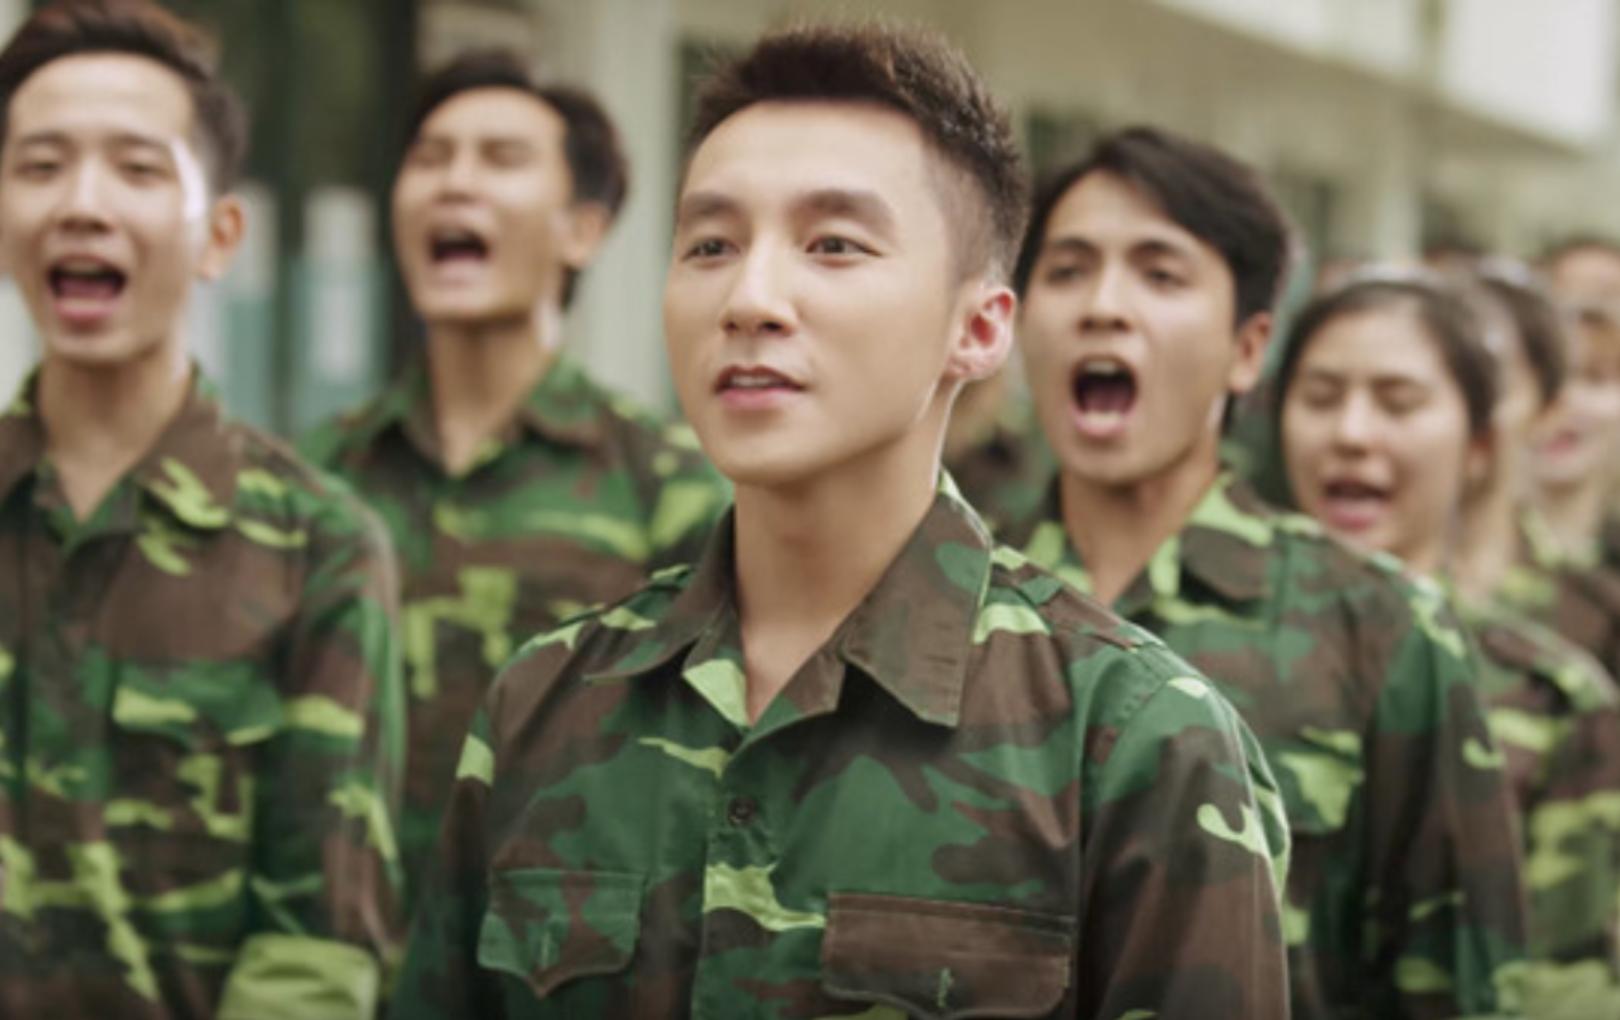 """Đoạn phỏng vấn cũ của Sơn Tùng M-TP gây xúc động: """"Tổ quốc với em là tất cả"""""""